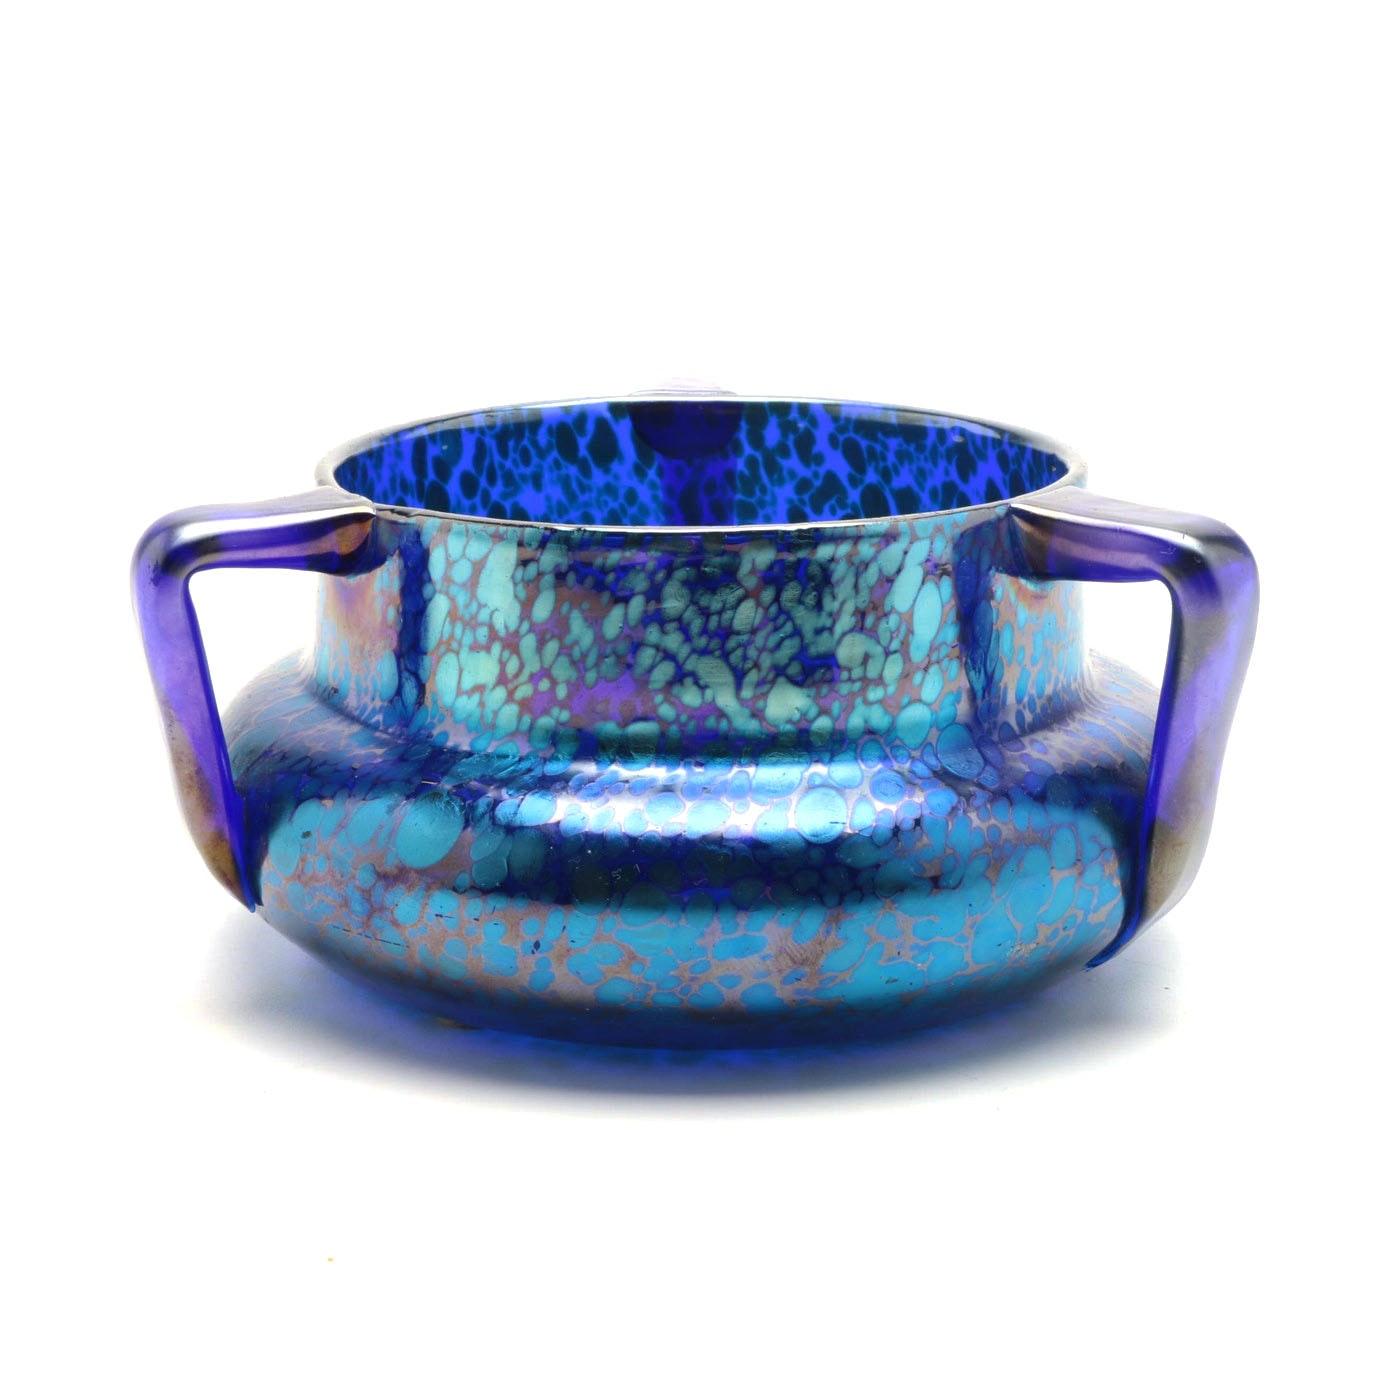 Early 20th Century Loetz Art Glass Vessel